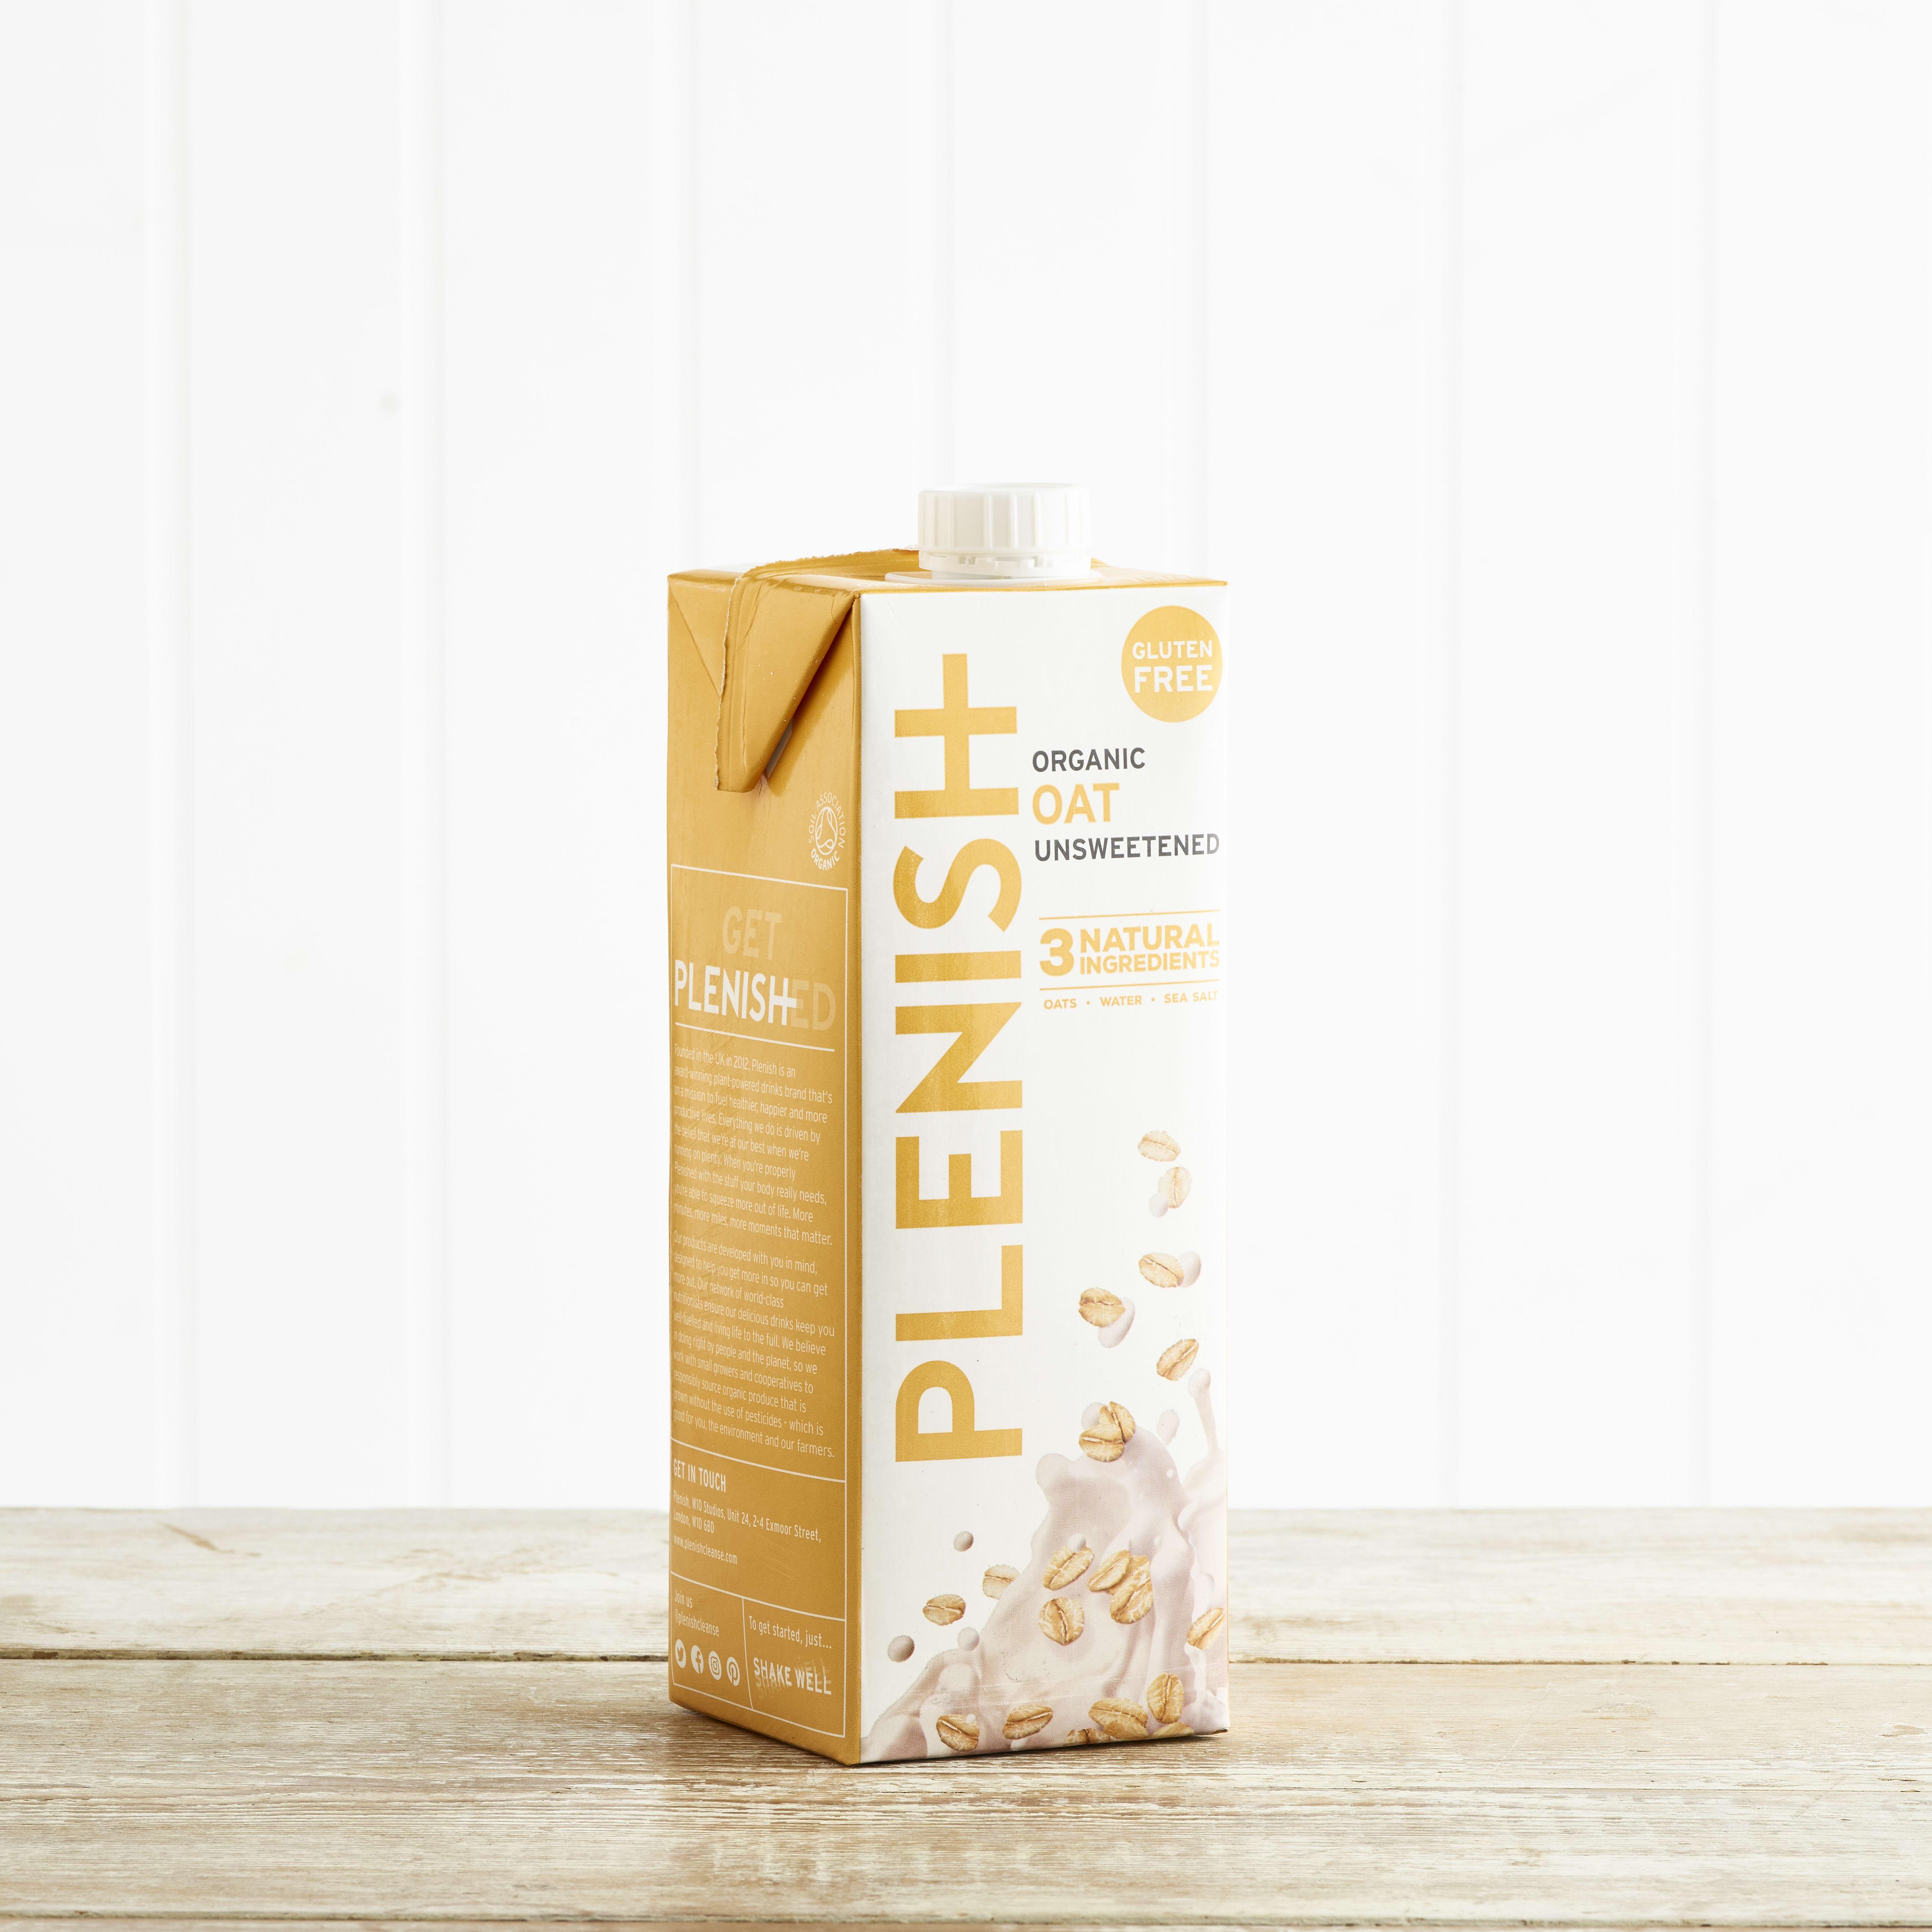 Plenish Organic Oat M*lk, 1L